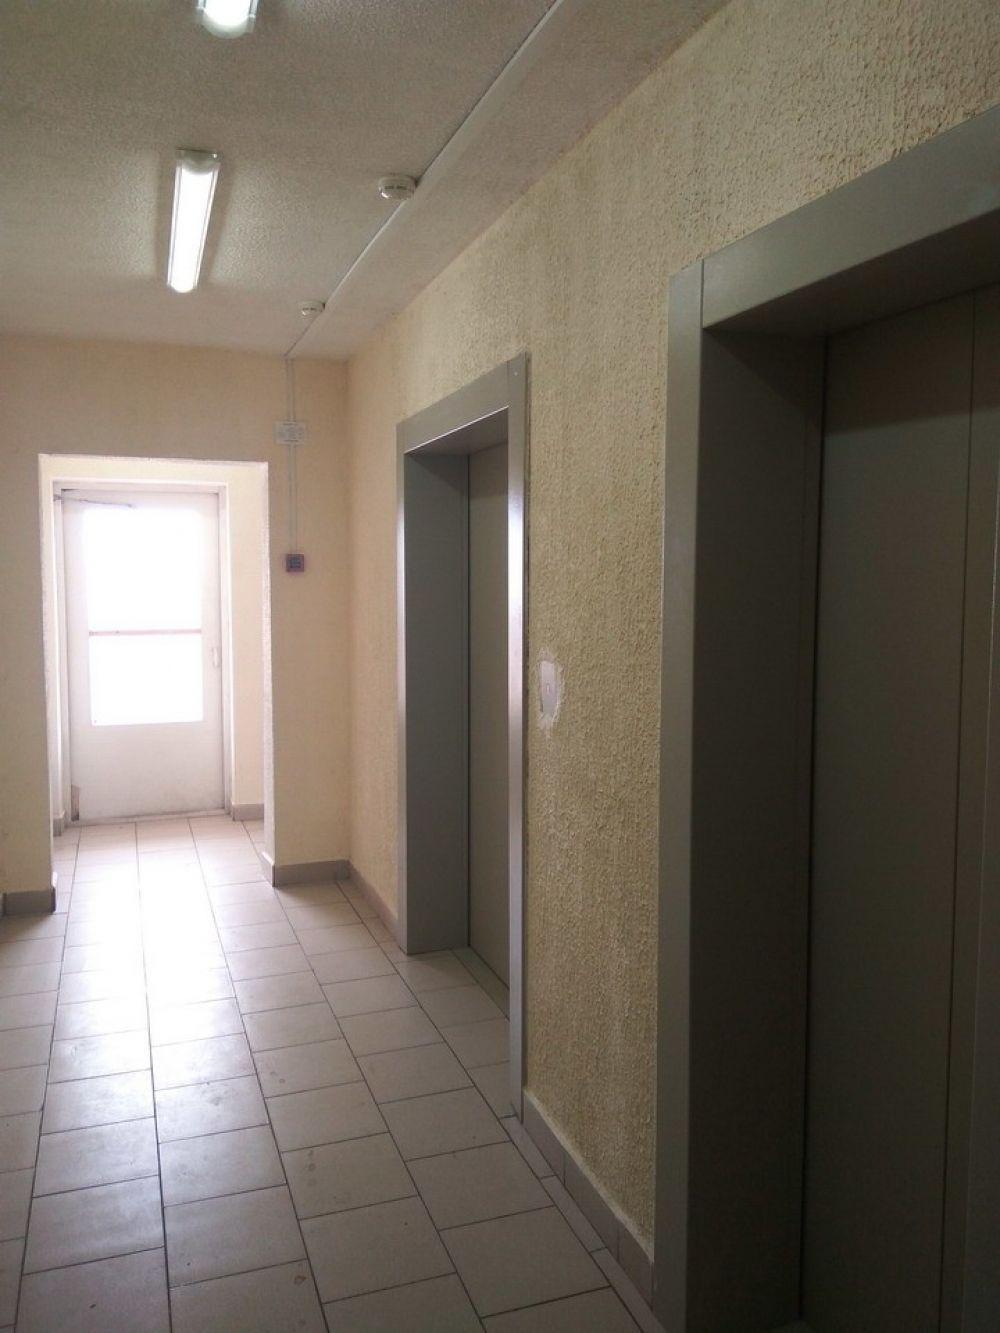 Однокомнатная квартира улучшенной планировки 47.6 м2, г. Щелково, Богородский мкр,10, фото 3